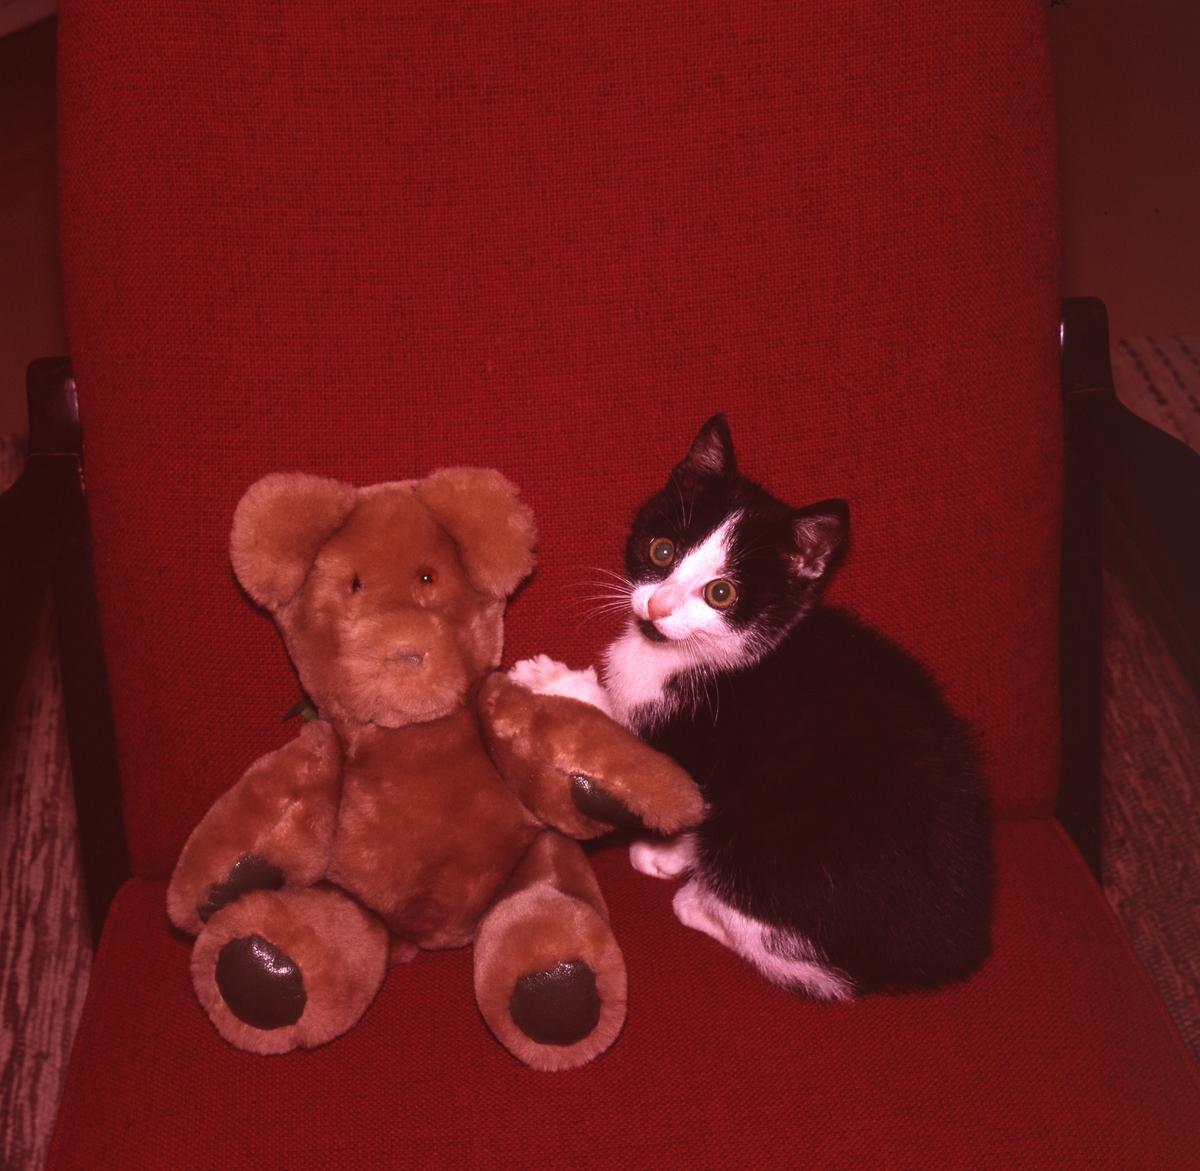 En teddybjörn och en kattunge sitter tillsammans i en stol.